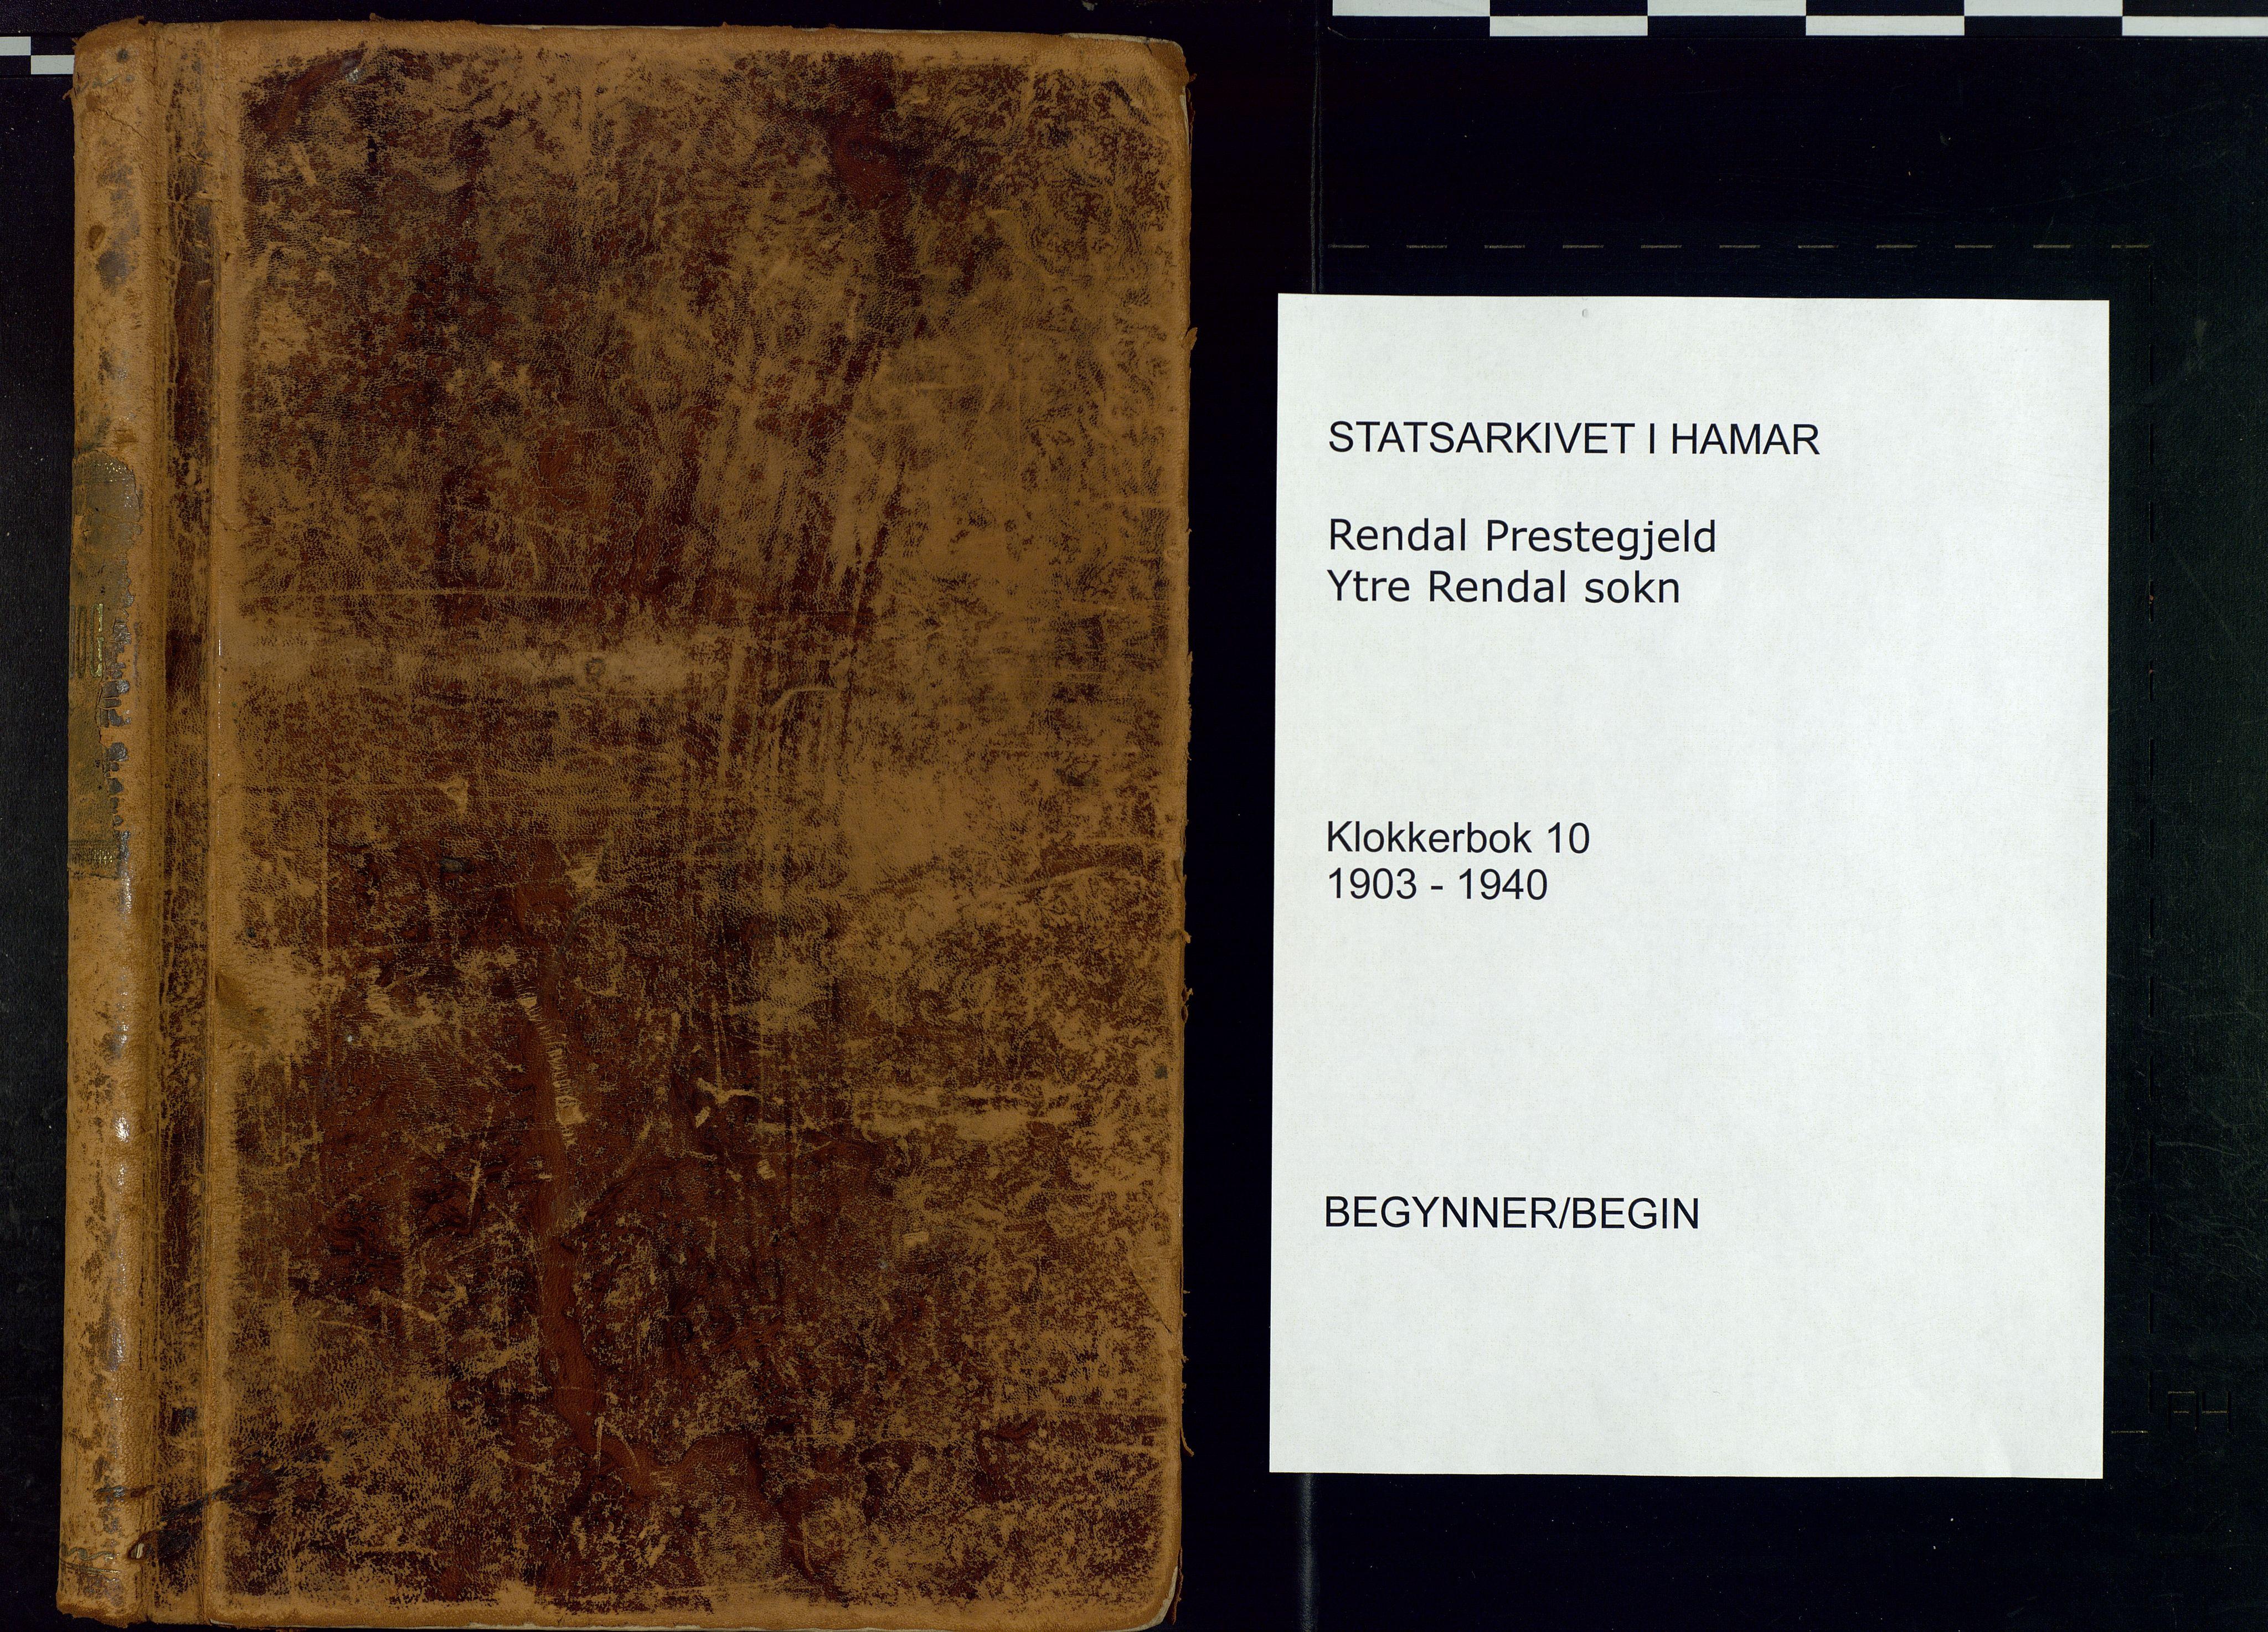 SAH, Rendalen prestekontor, H/Ha/Hab/L0010: Klokkerbok nr. 10, 1903-1940